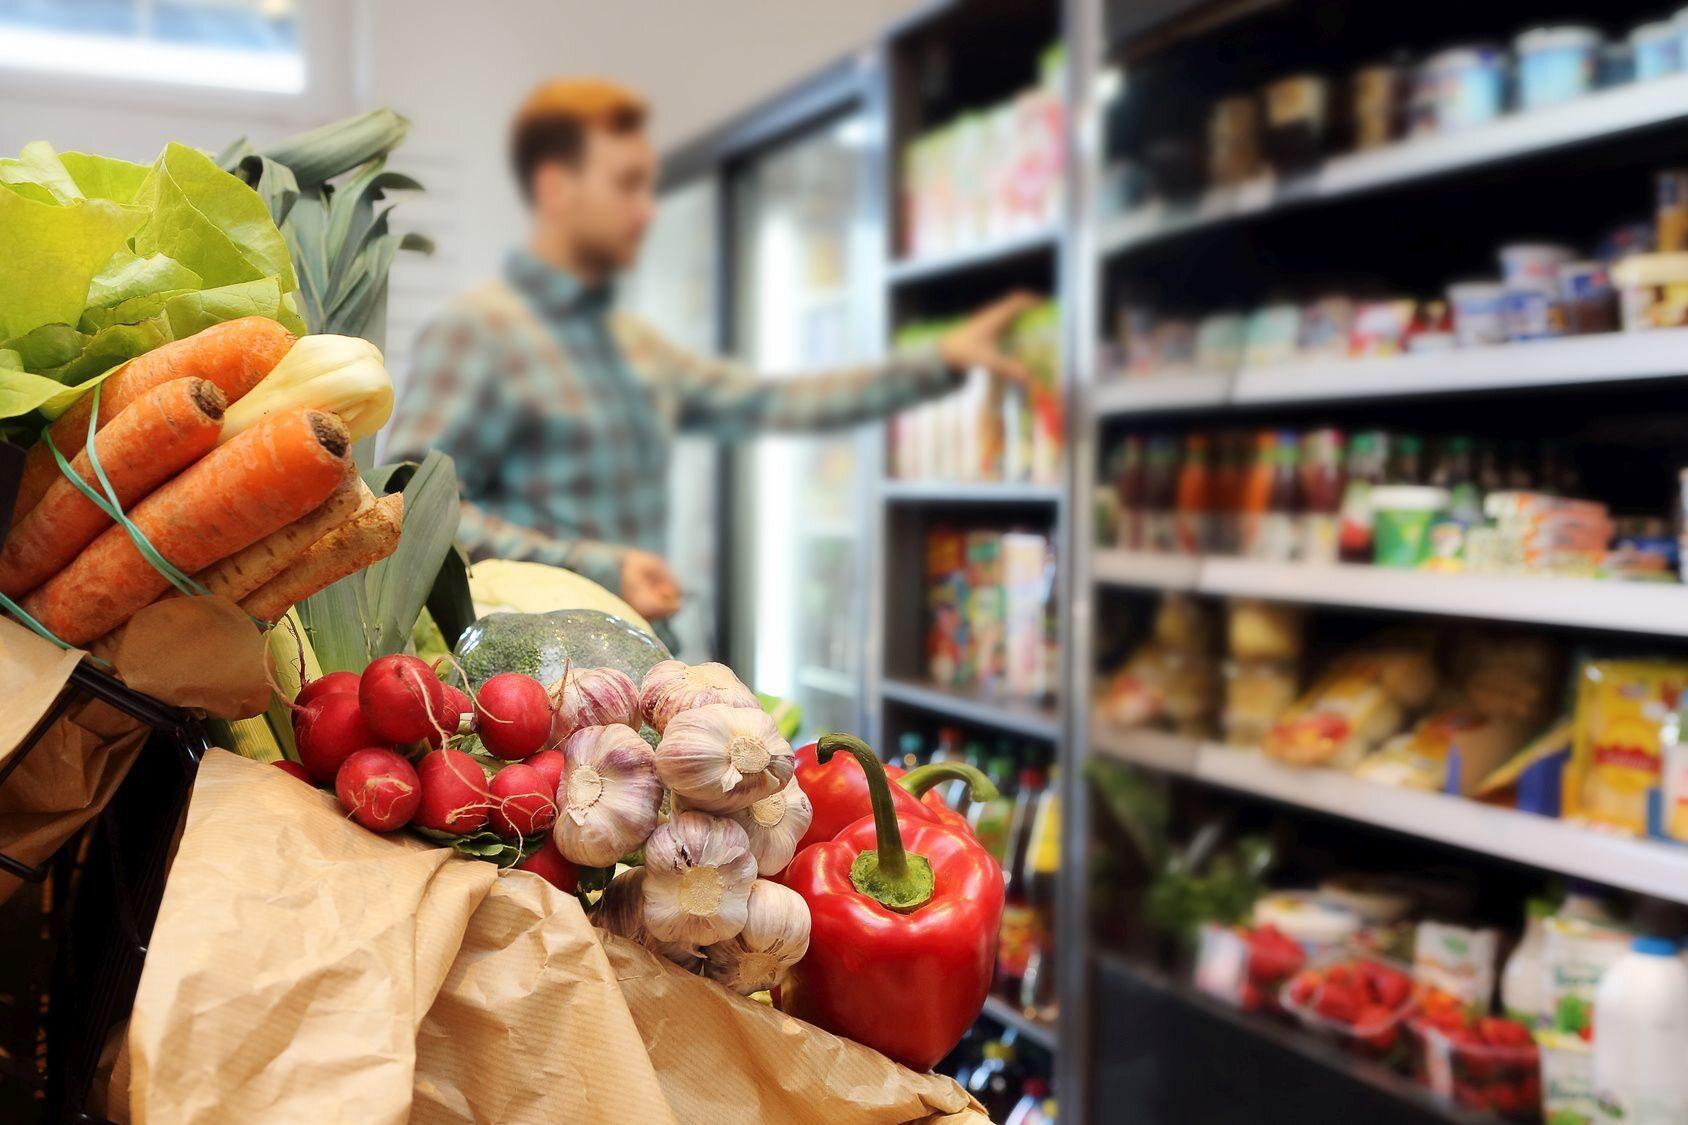 Zakupy w sklepie samoobsługowym